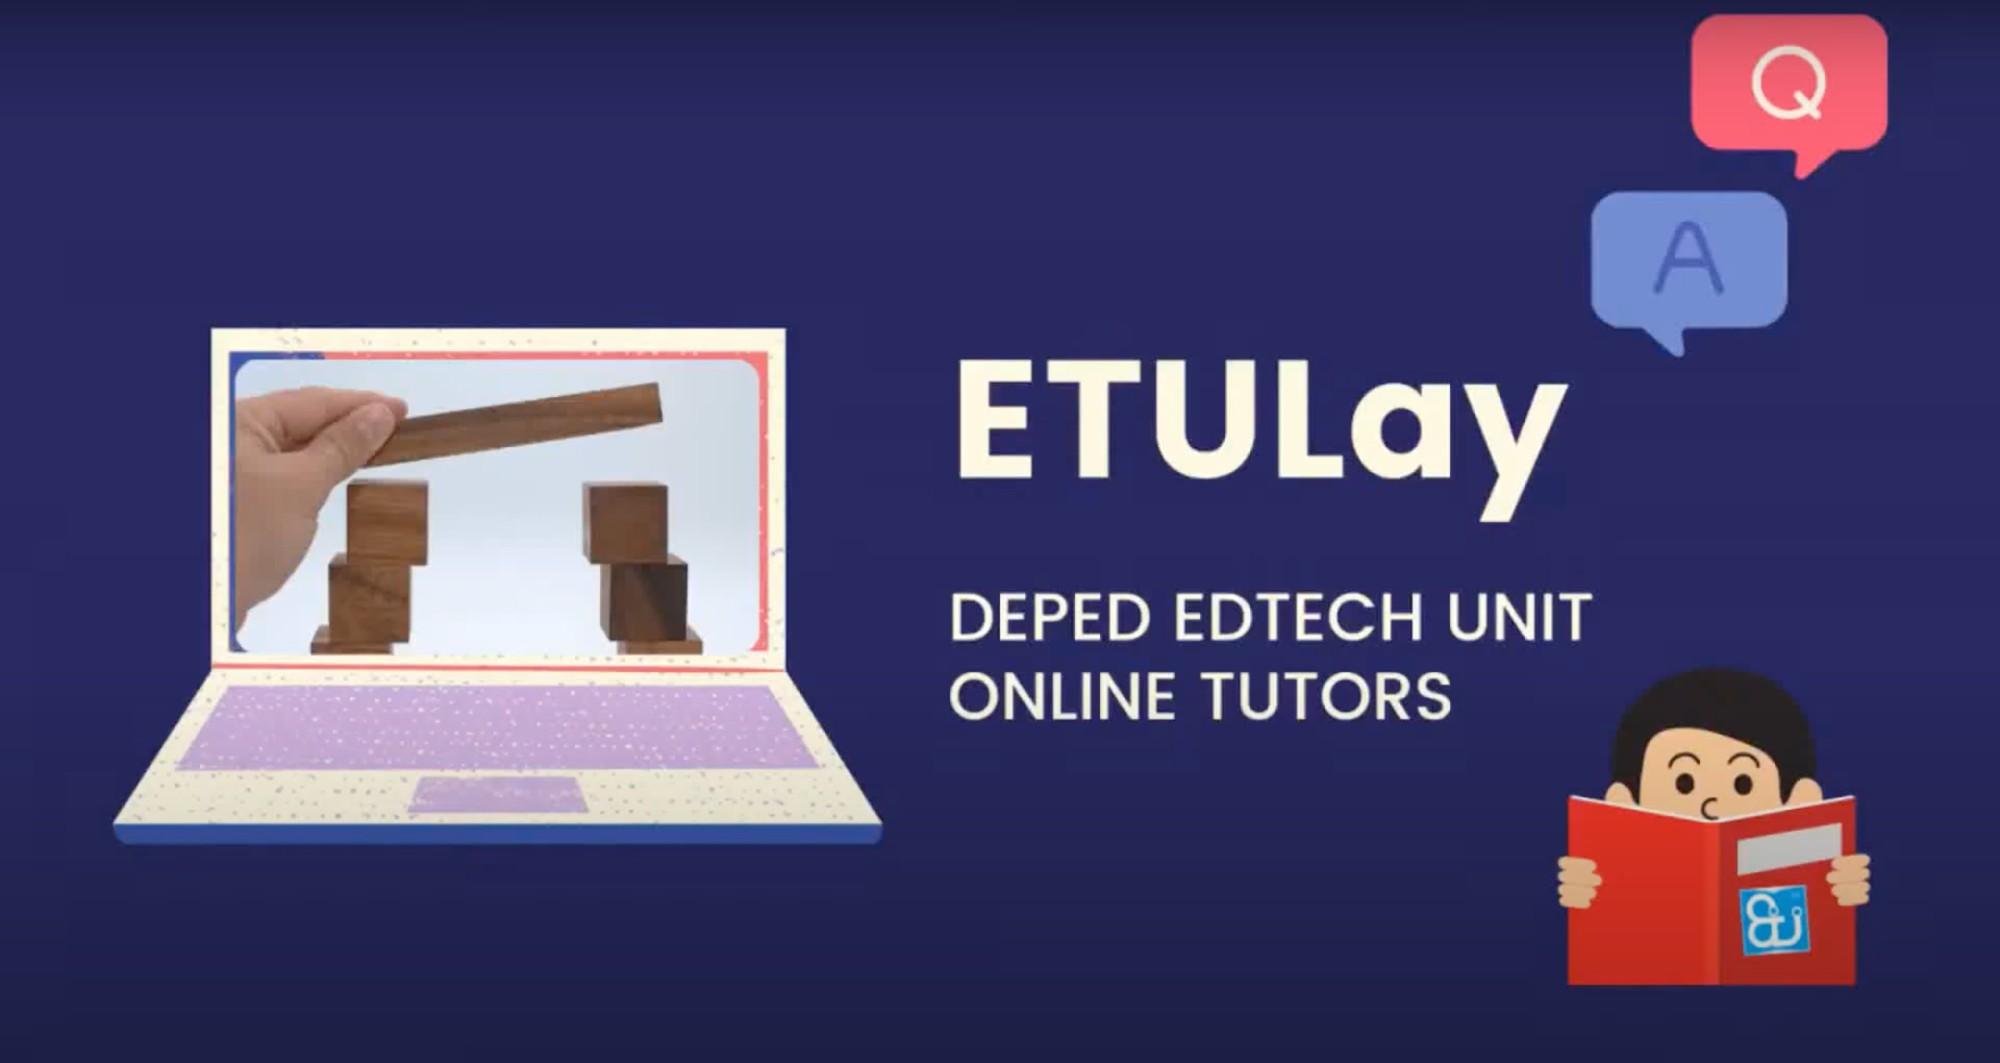 DepEd Free online tutoring